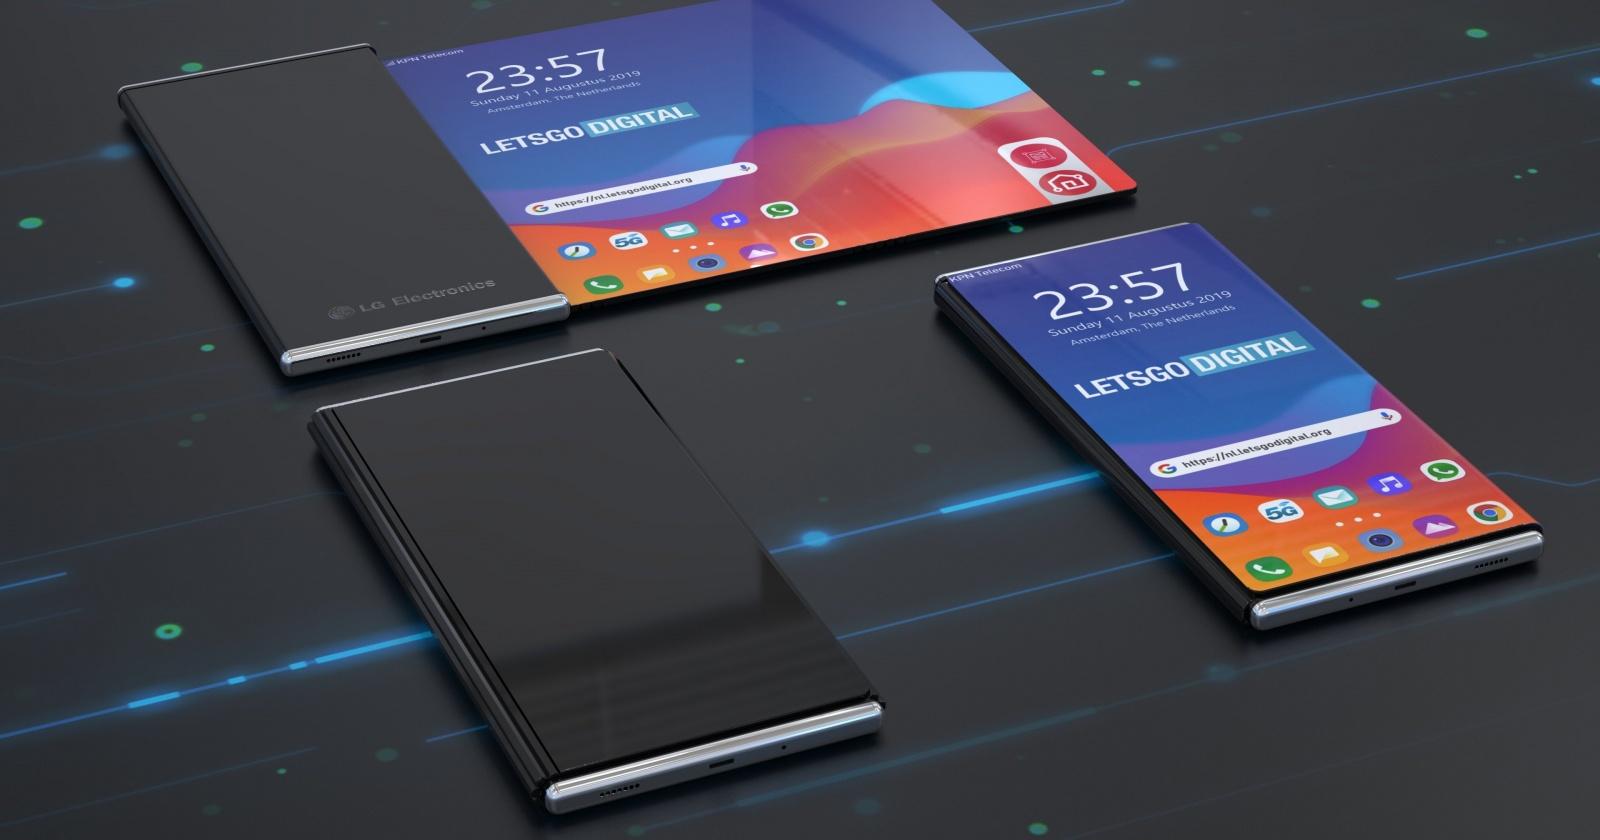 Необычный дизайн смартфона с разворачивающимся экраном: патент LG